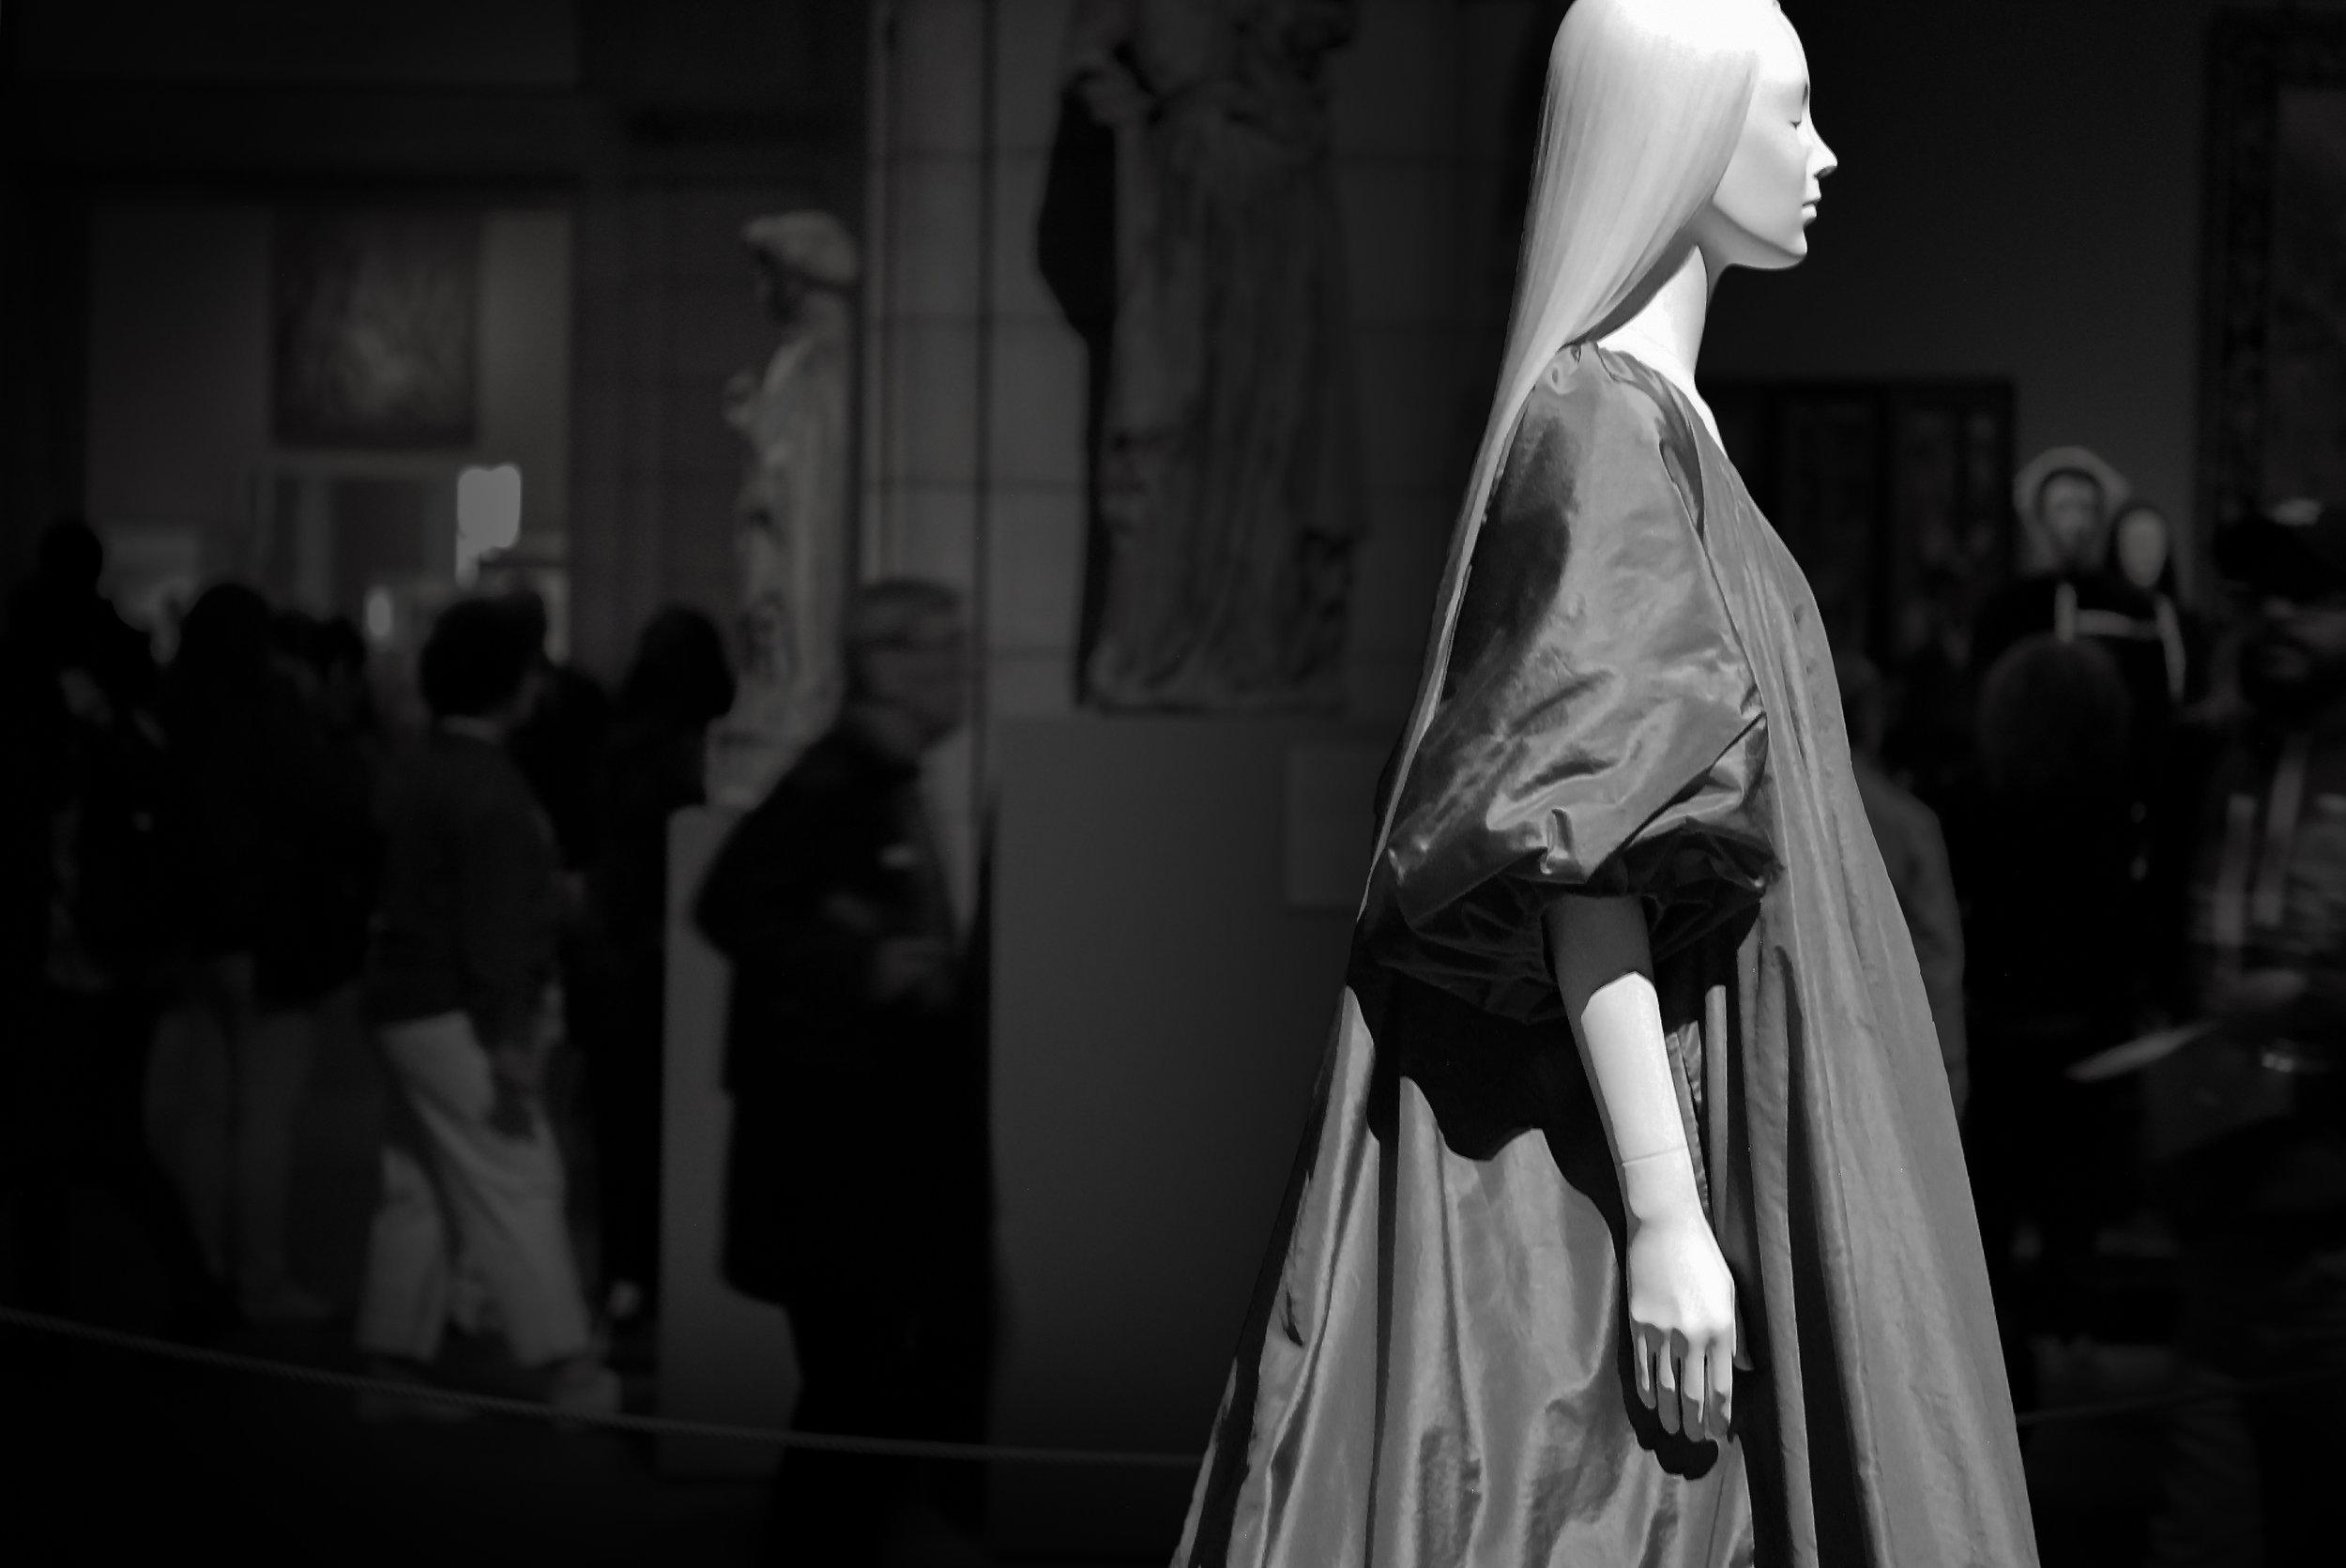 Pierpaolo Piccioli  for Valentino, EVENING DRESS, autumn/winter 2017-18